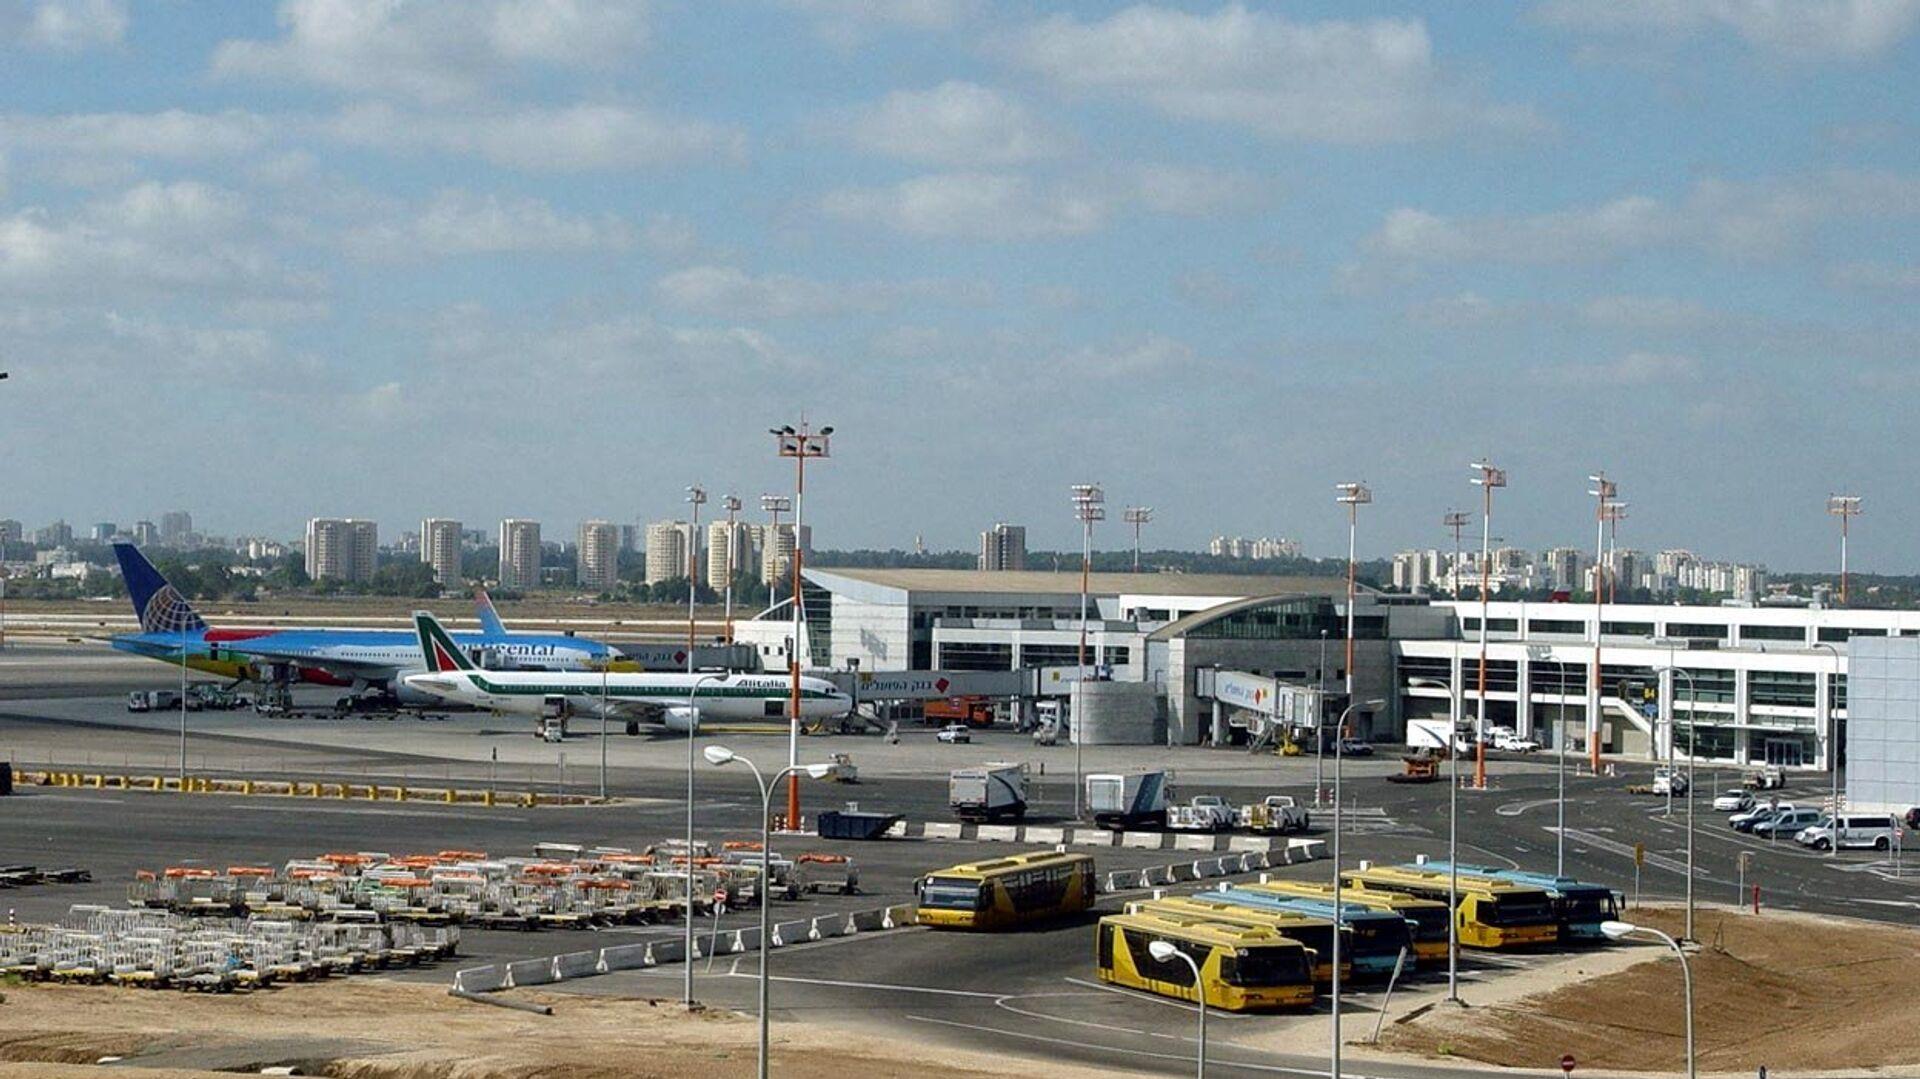 Аэропорт имени Давида Бен-Гуриона в Тель-Авиве - РИА Новости, 1920, 24.01.2021